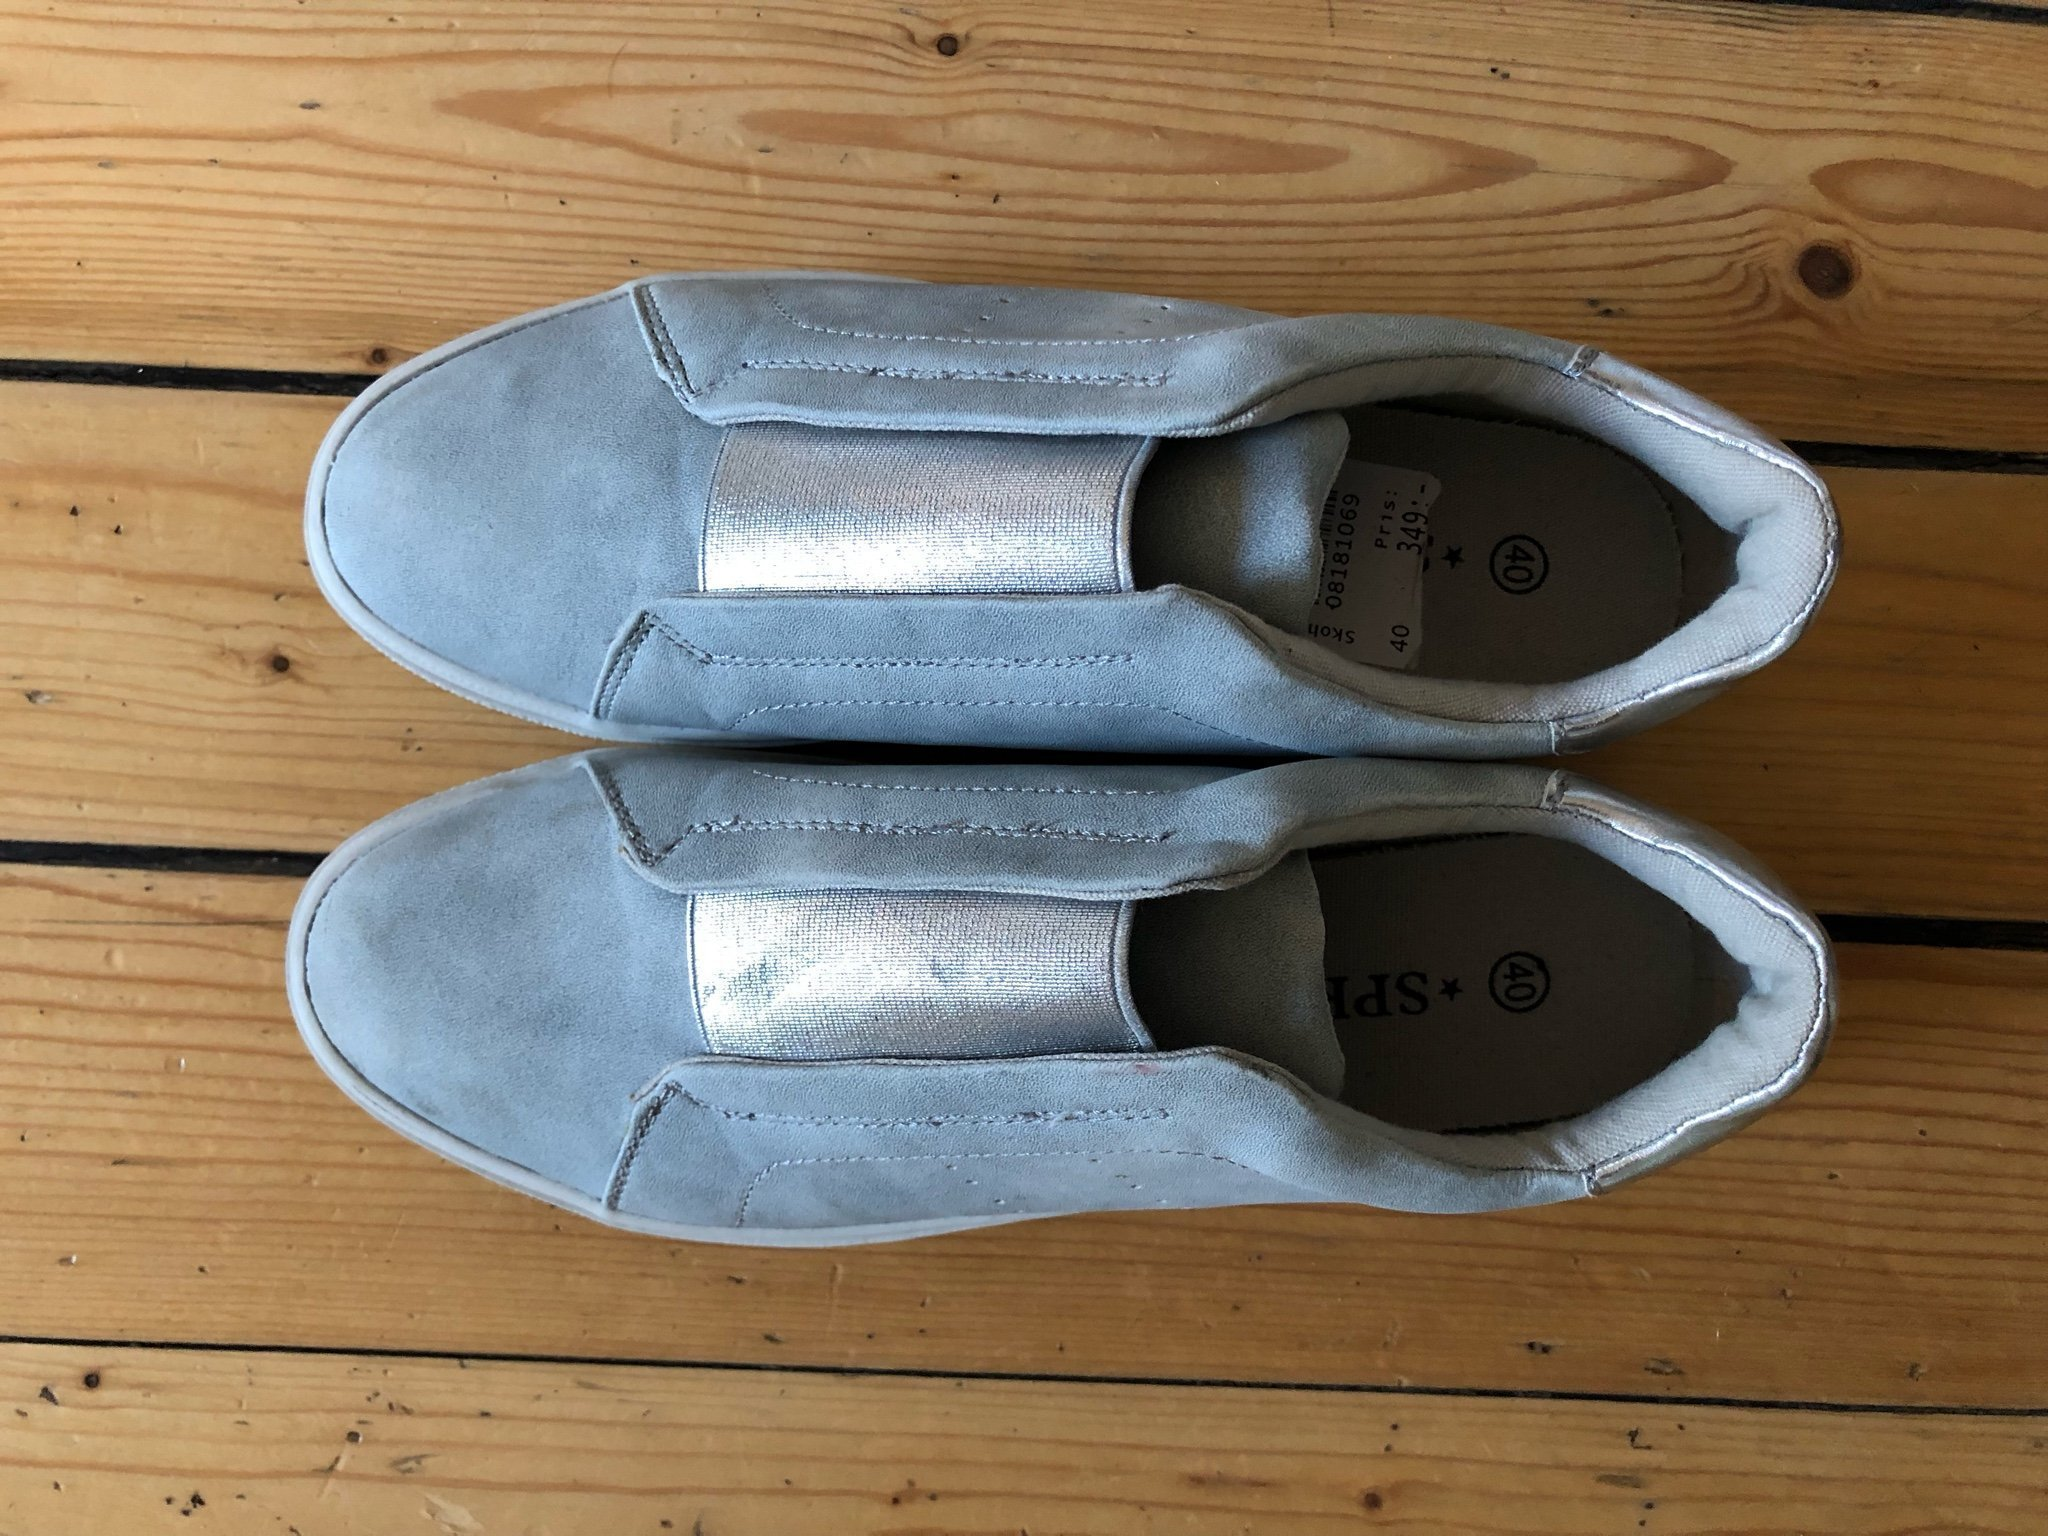 a0d4de648c2 Nya oanvända skor grå med silverdetaljer sneake.. (350738611) ᐈ Köp ...